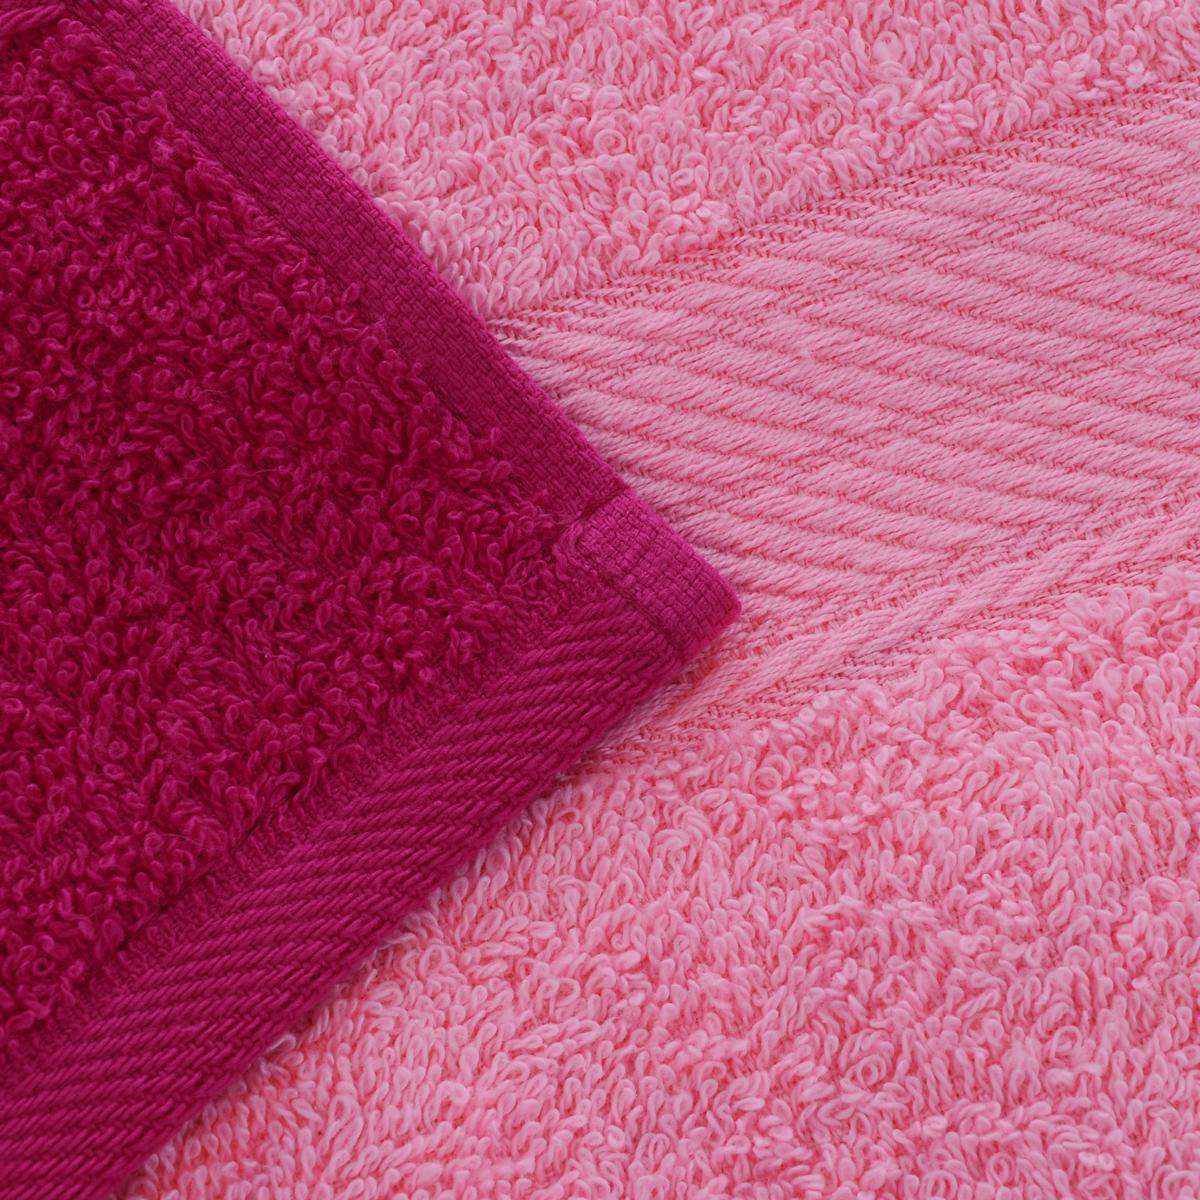 """Набор """"Aisha Home Textile"""" состоит  из двух полотенец 50 х 90 см  и двух банных 70 х 140 см.  Полотенца выполнены из  натурального 100% хлопка  и махровой ткани.  Изделия отлично впитывают влагу,  быстро сохнут, сохраняют яркость  цвета и не теряют формы даже  после многократных стирок. Полотенца """"Aisha Home Textile"""" очень  практичны и неприхотливы в уходе.  Комплектация: 4 шт."""